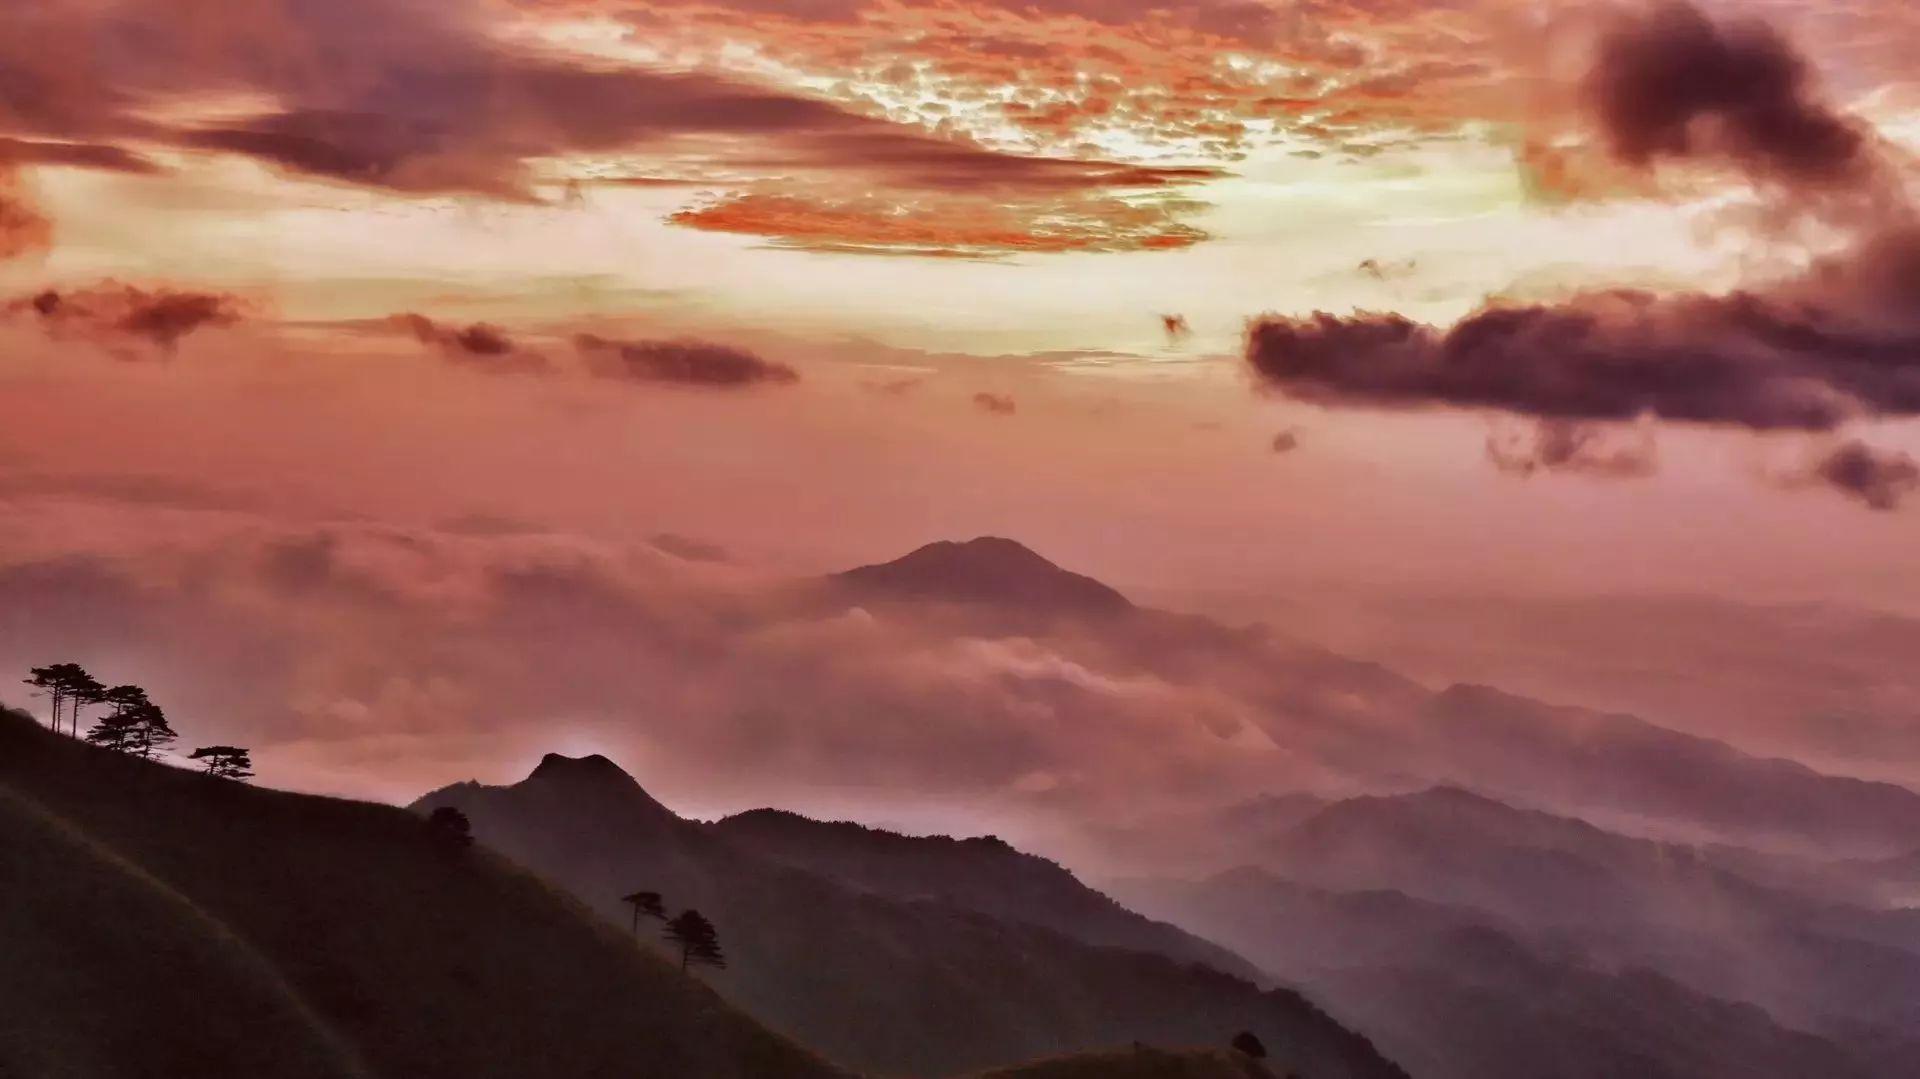 背景 壁纸 风景 天空 桌面 1920_1079